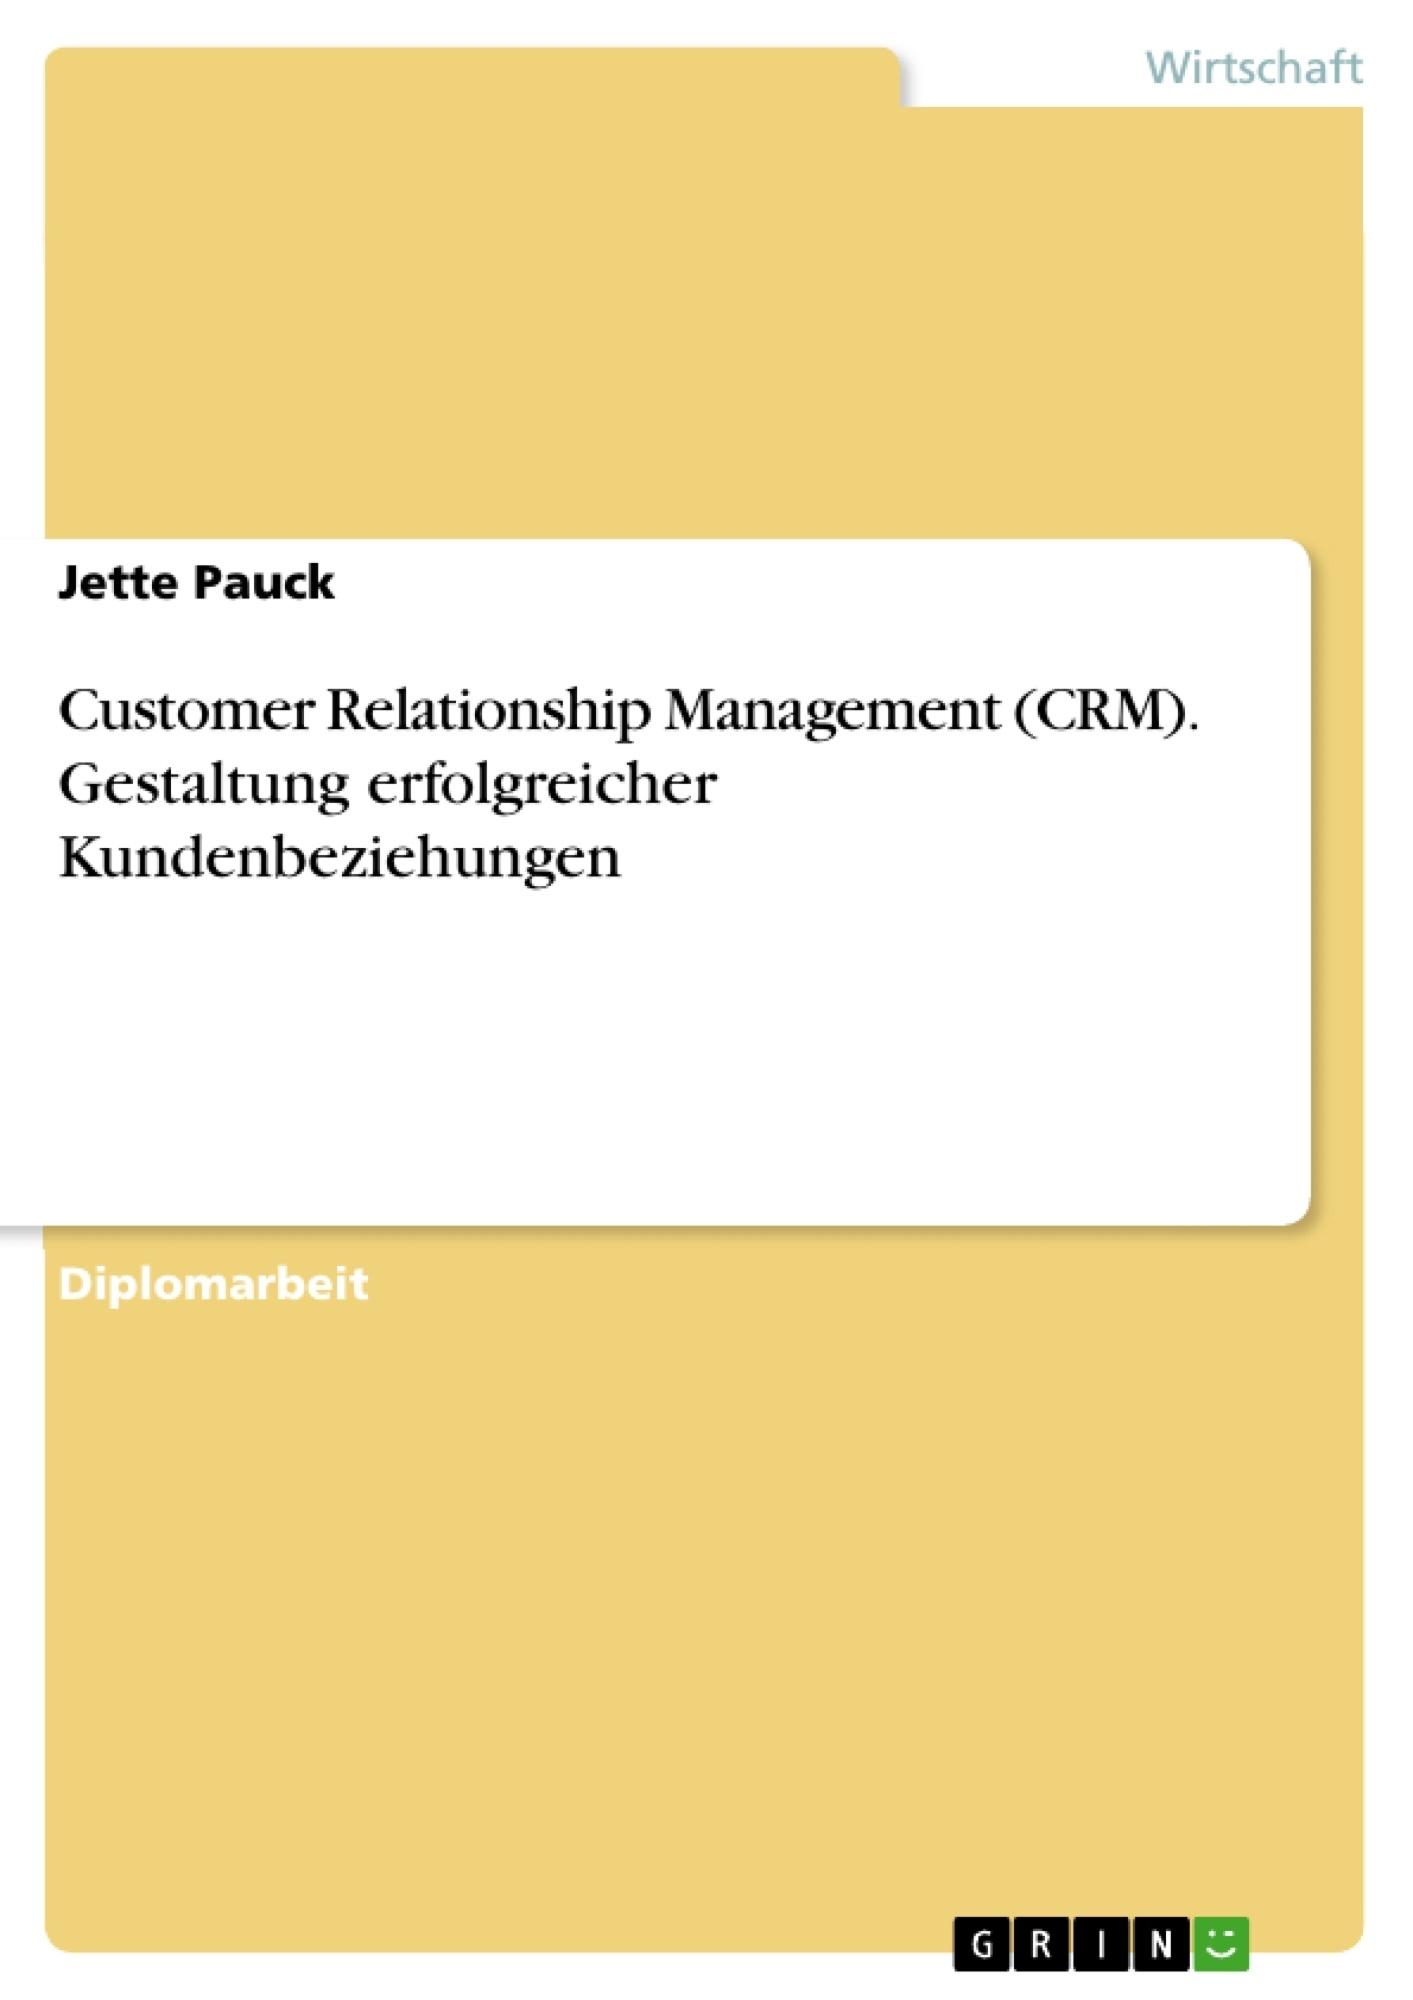 Titel: Customer Relationship Management (CRM). Gestaltung erfolgreicher Kundenbeziehungen